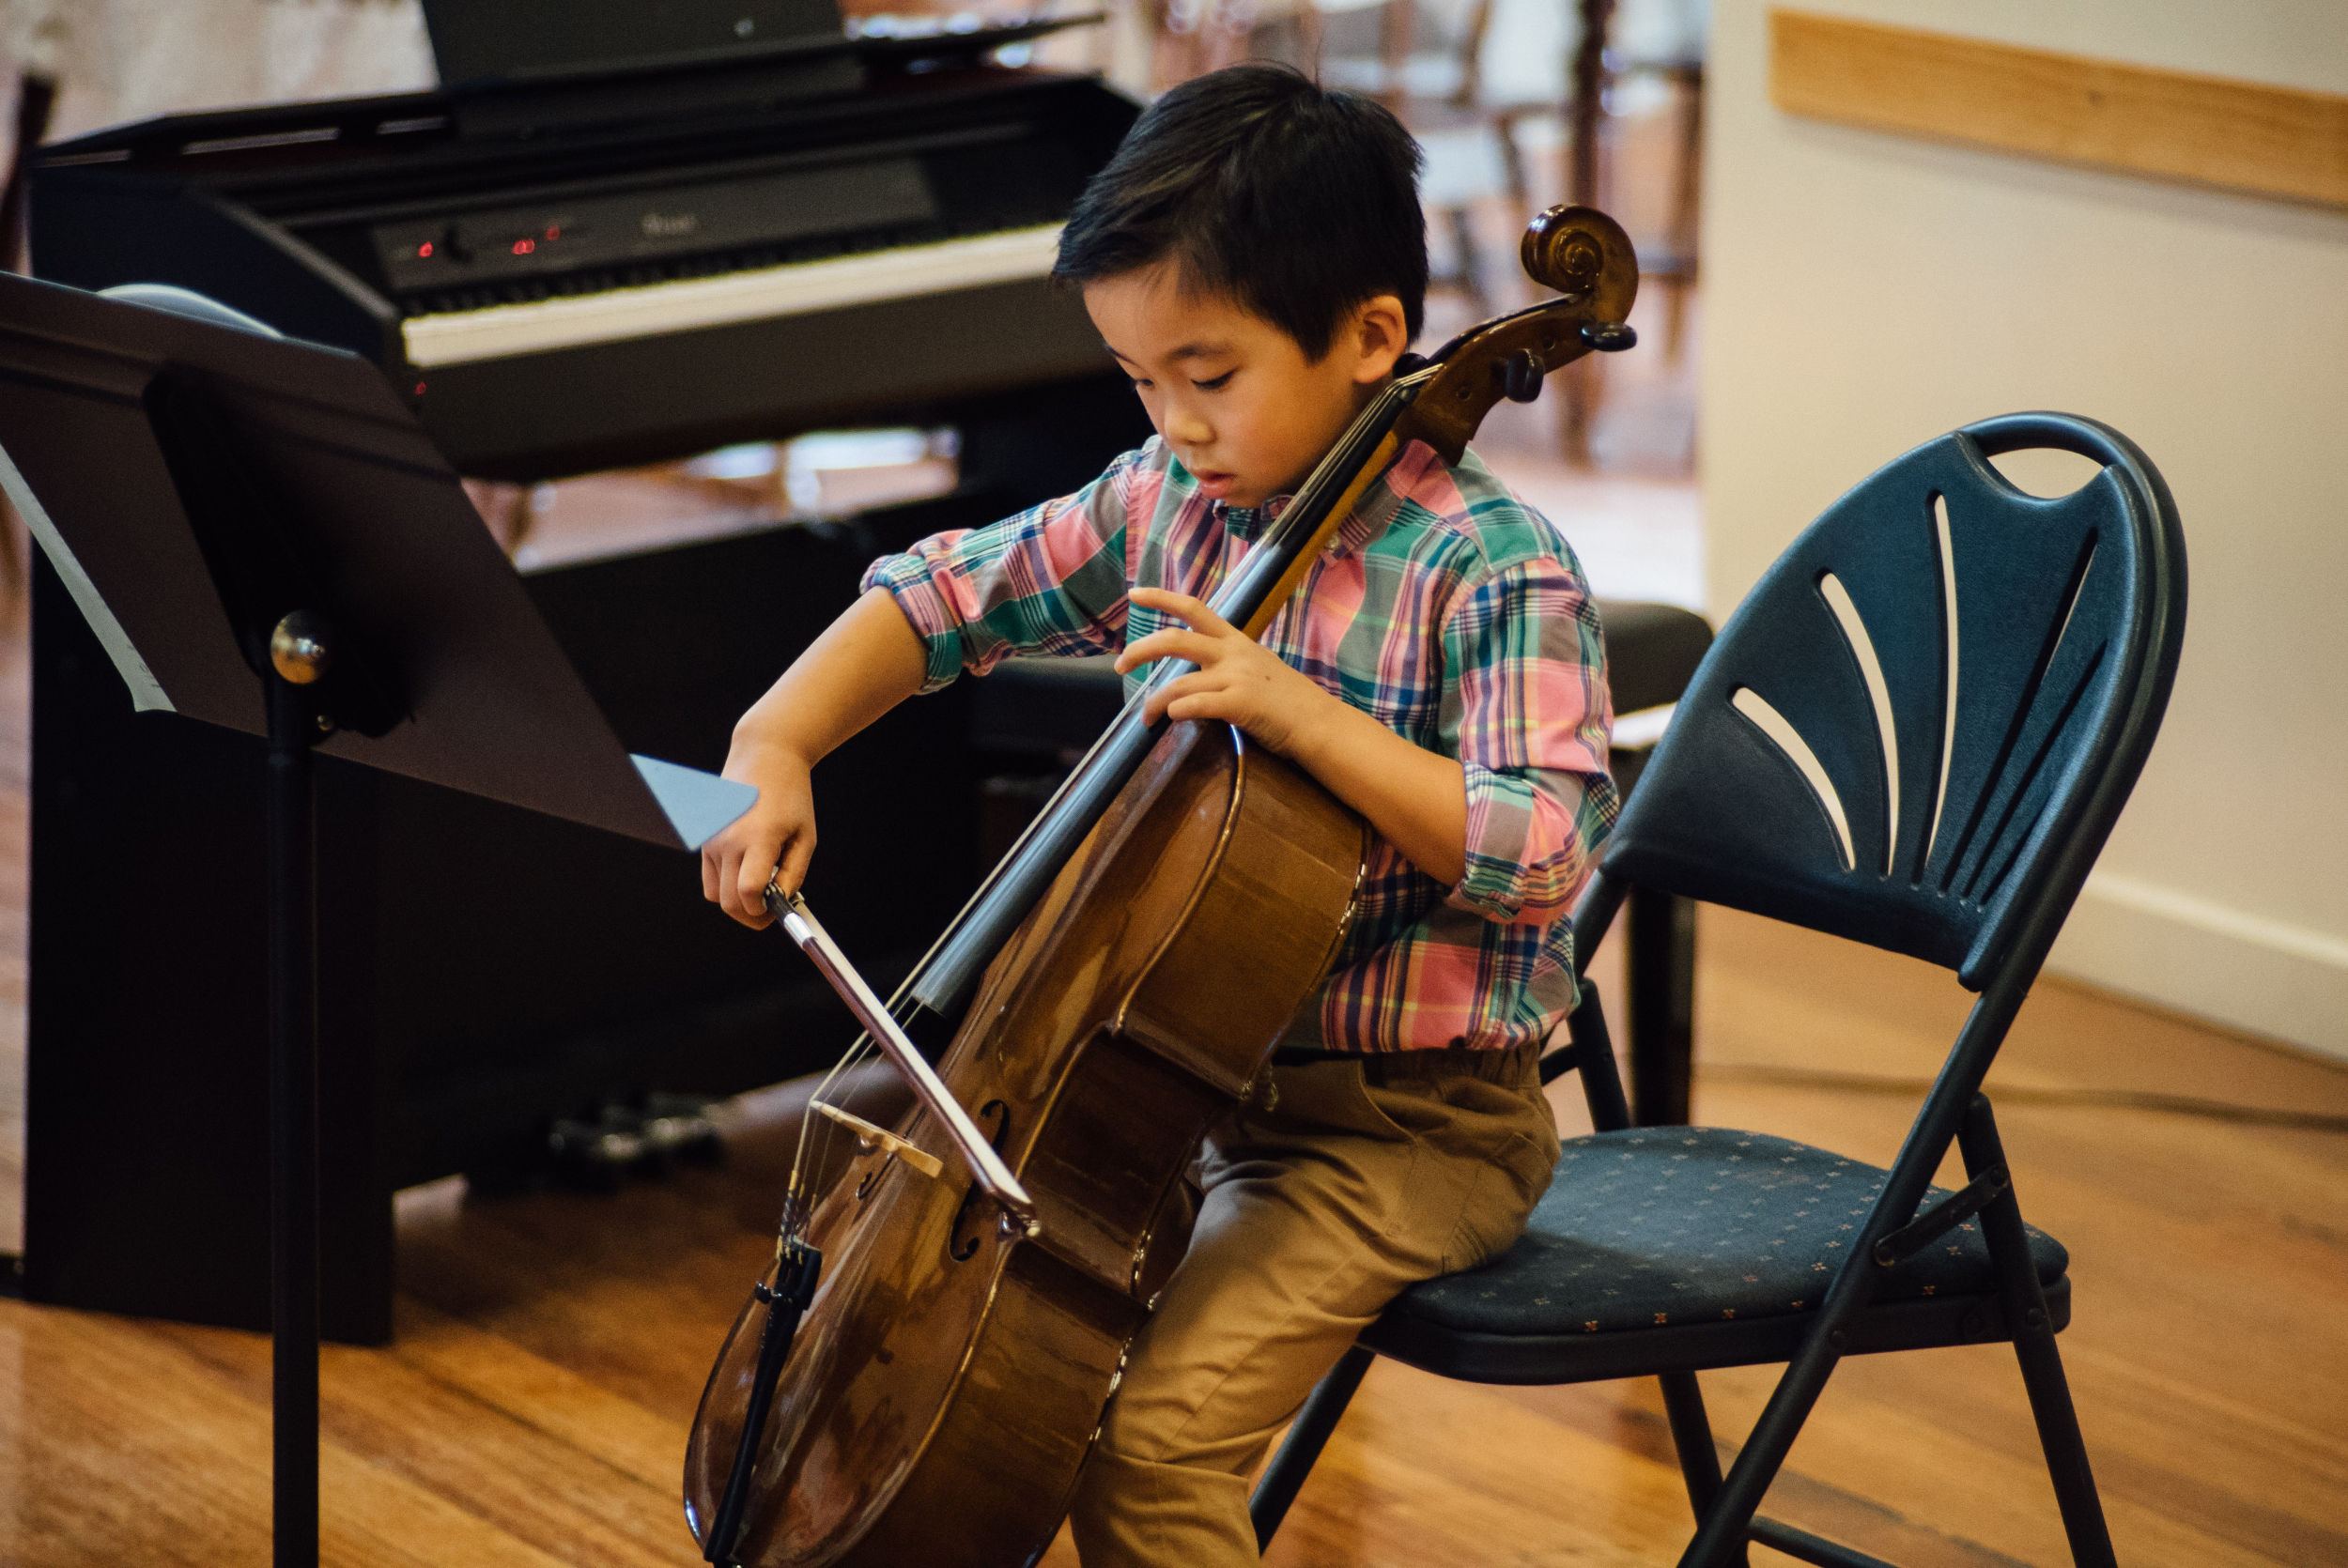 Boy performs cello at a school concert